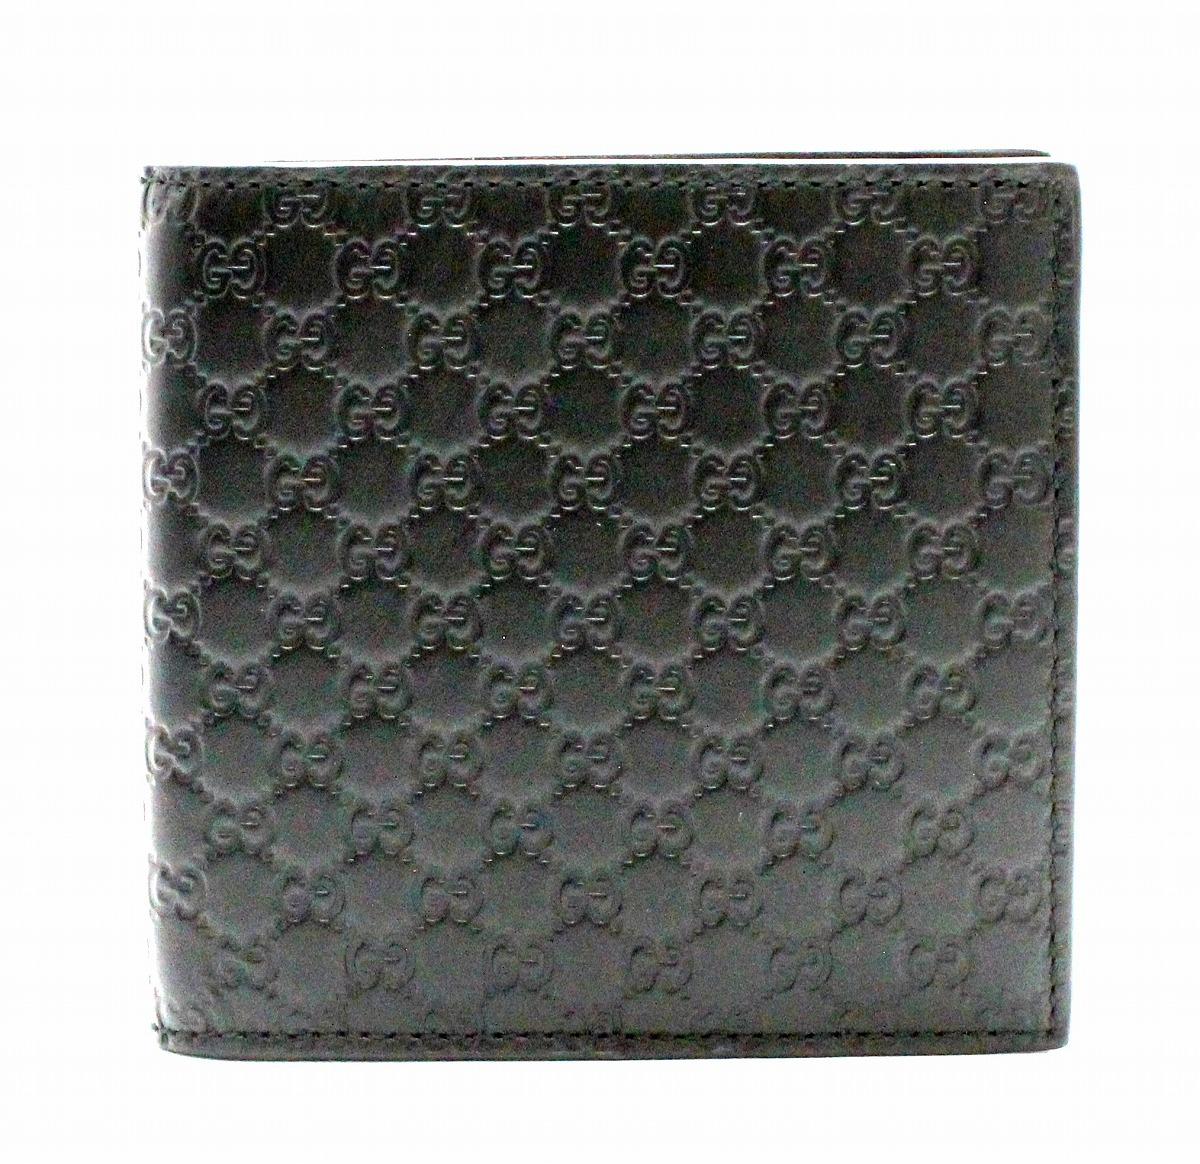 dc1d7e69e755 【財布】GUCCIグッチマイクログッチシマ2つ折財布レザー黒ブラックアウトレット品150413534563